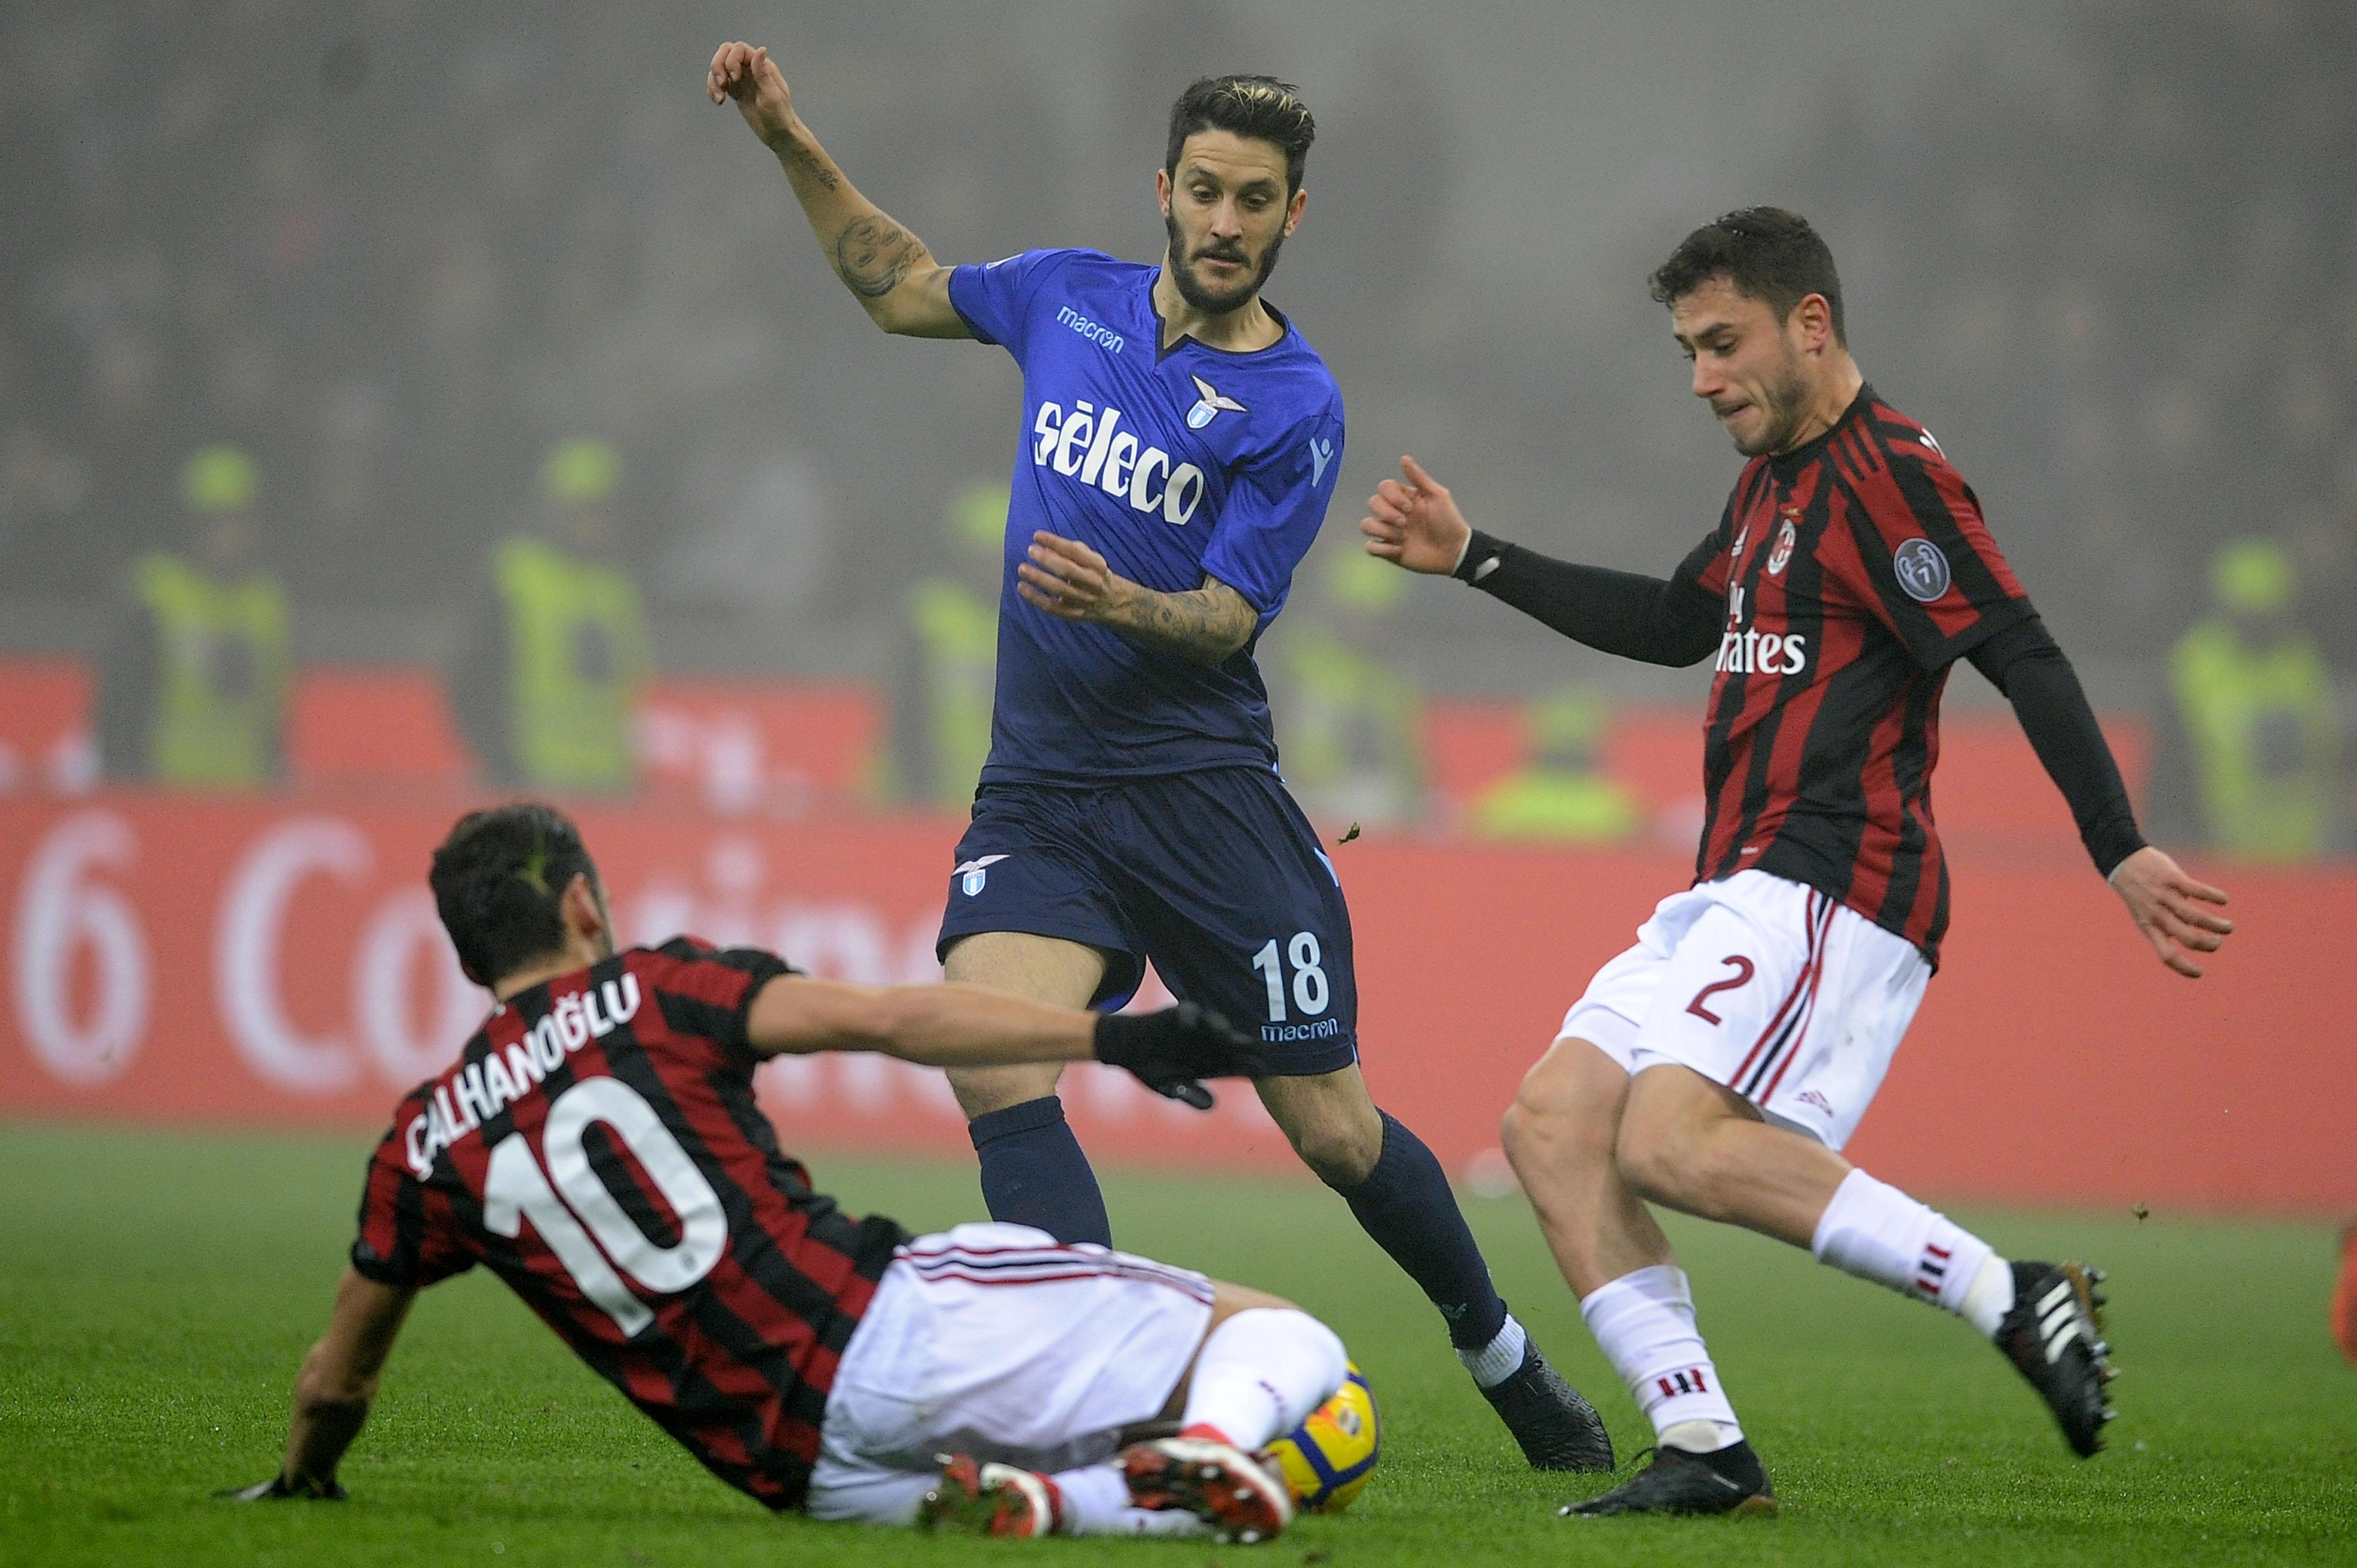 Preview: Coppa Italia Semi Final 1st Leg - Milan vs. Lazio